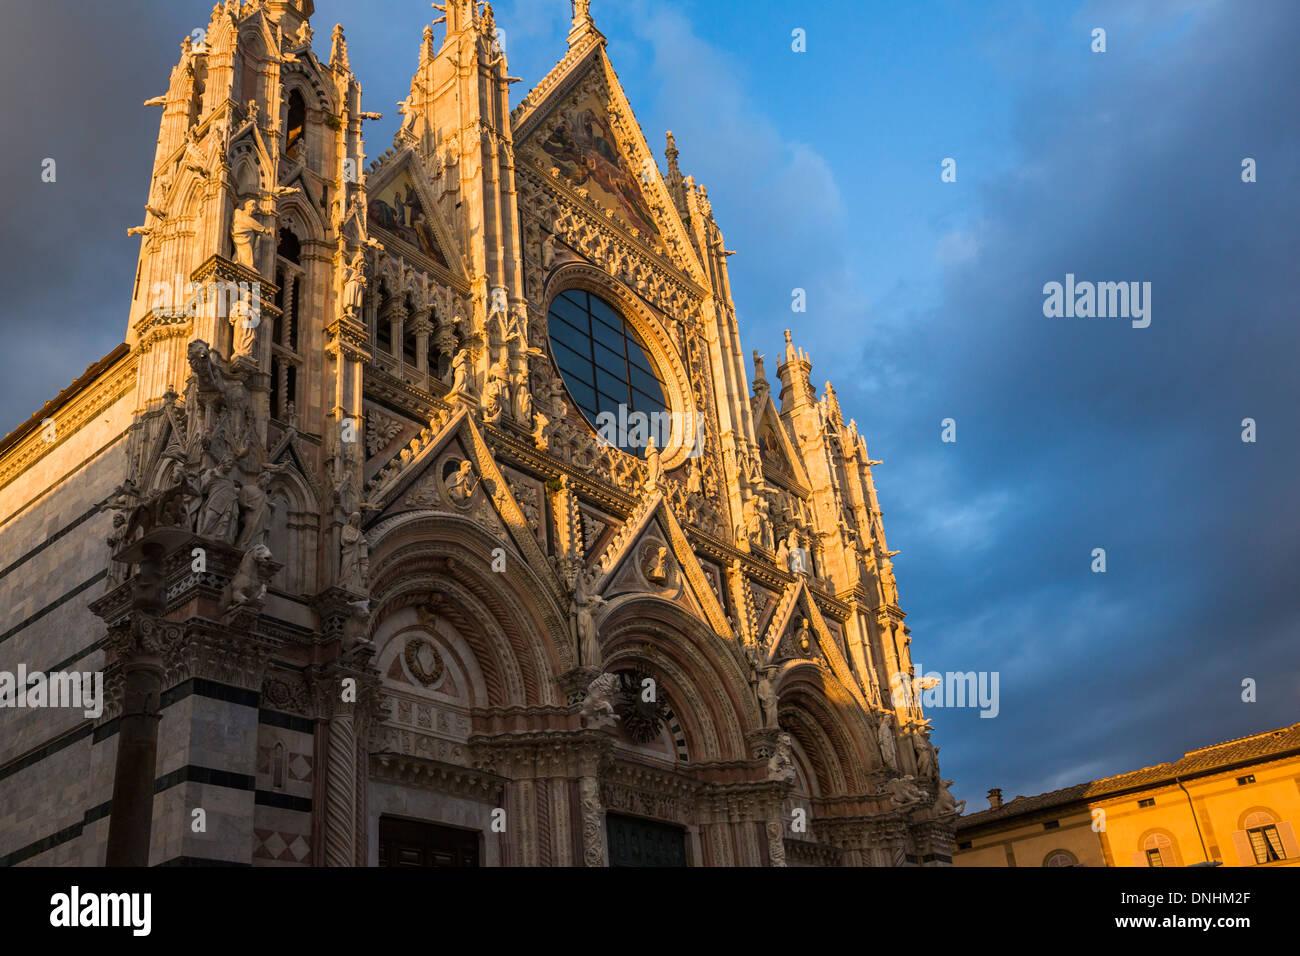 Basso angolo vista di una cattedrale, Cattedrale di Siena, Siena, in provincia di Siena, Toscana, Italia Foto Stock